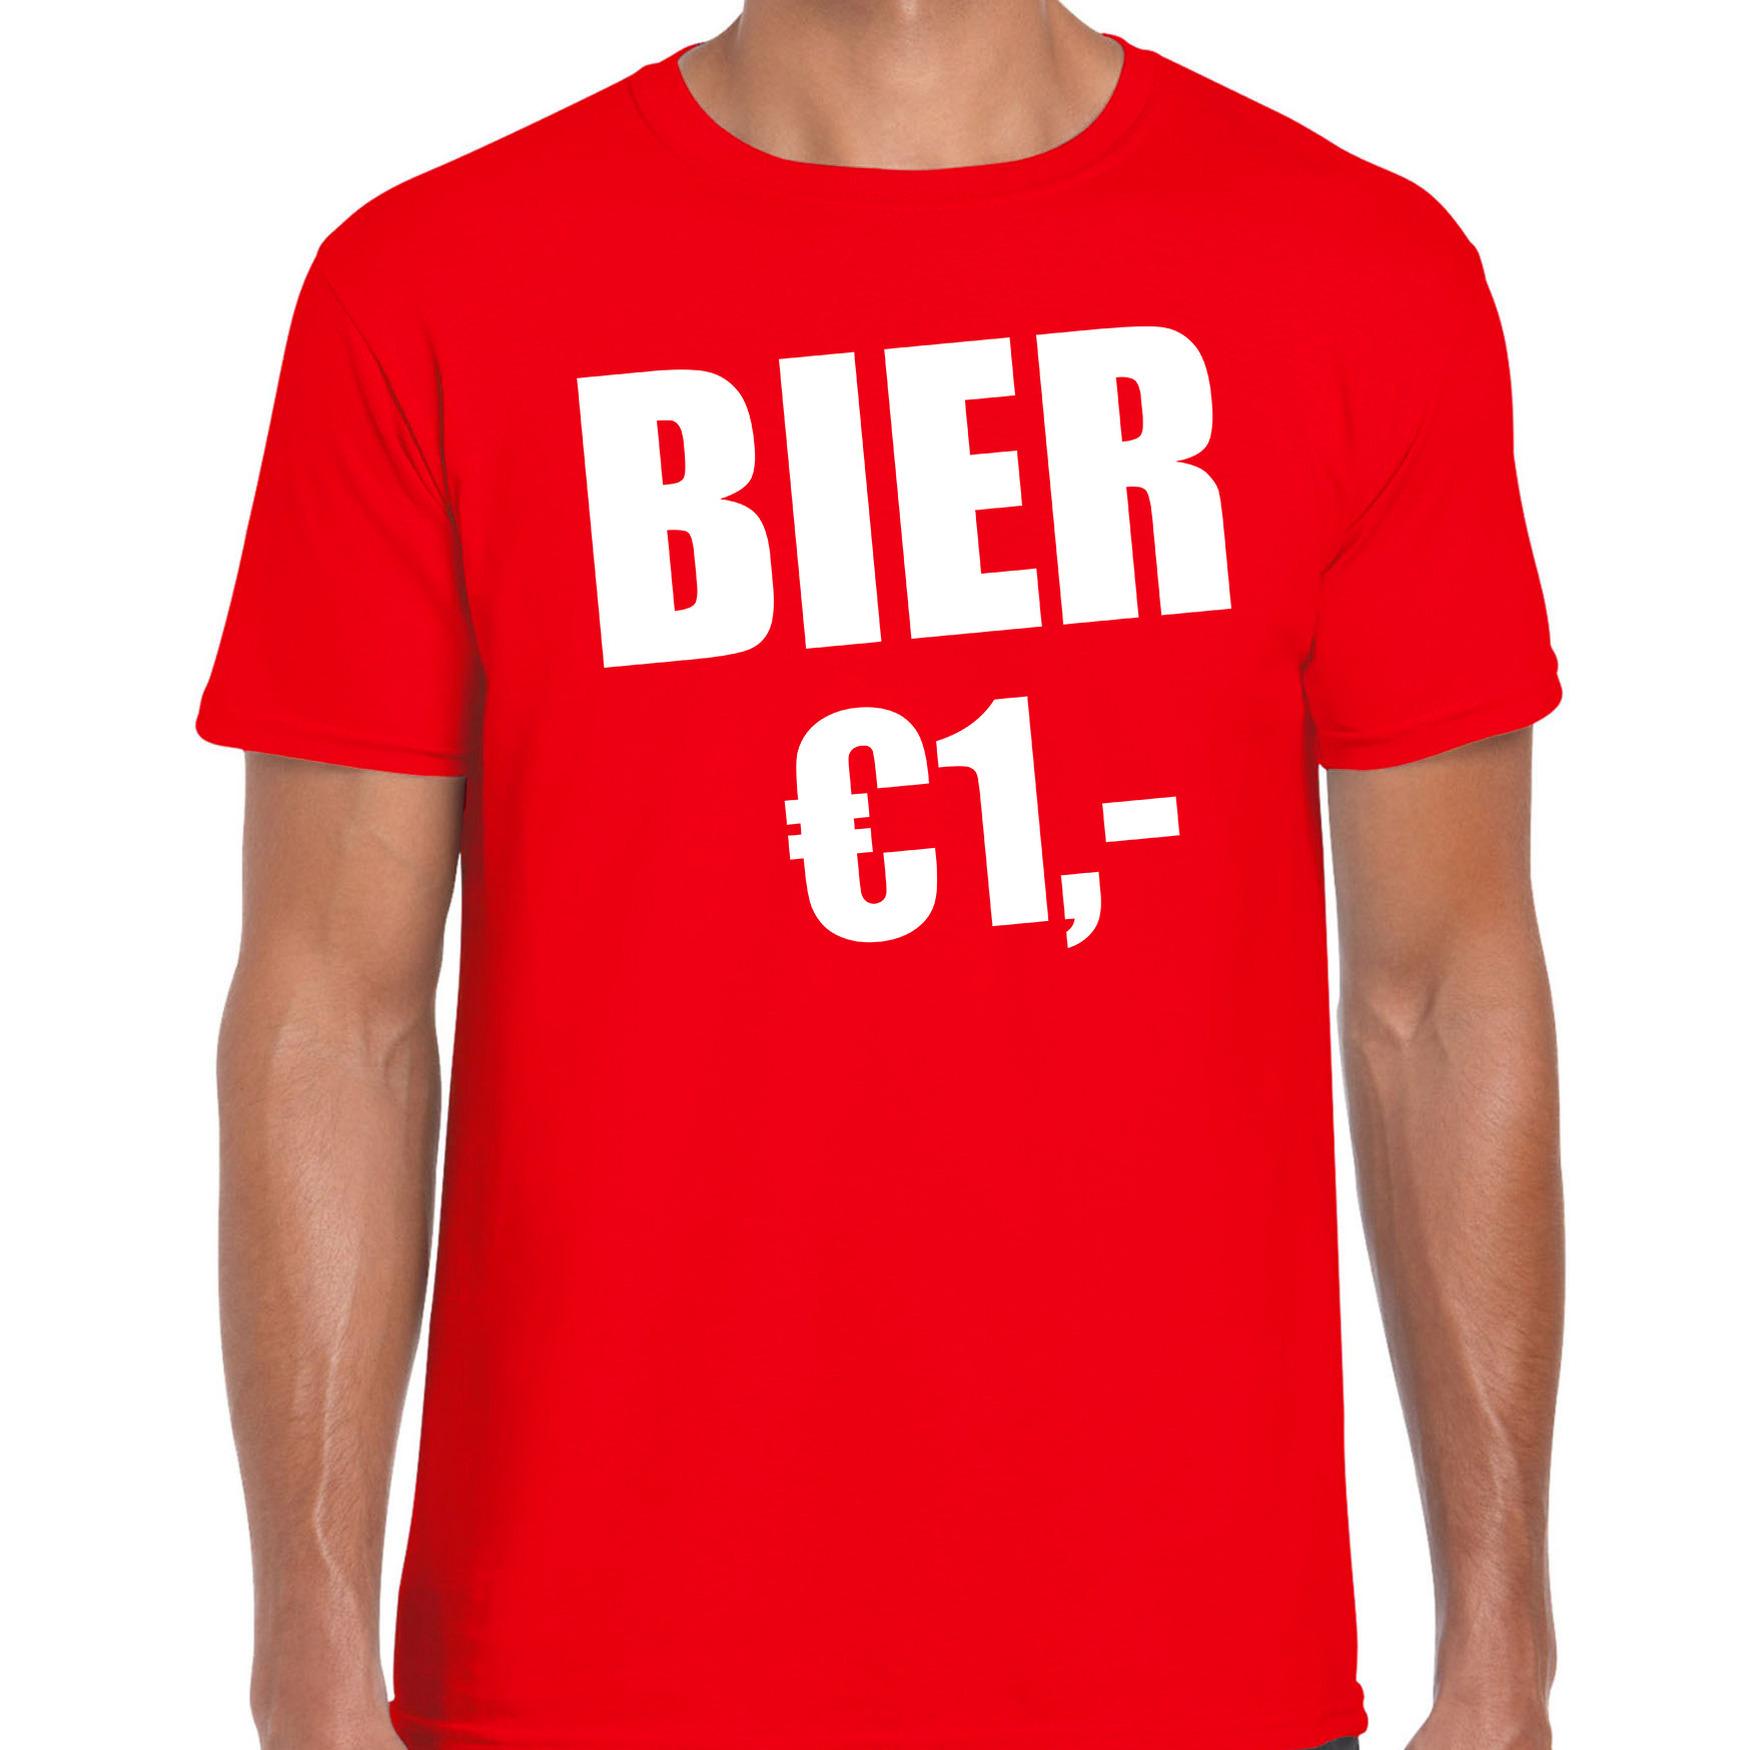 Fun t-shirt bier 1 euro rood voor heren 2XL -